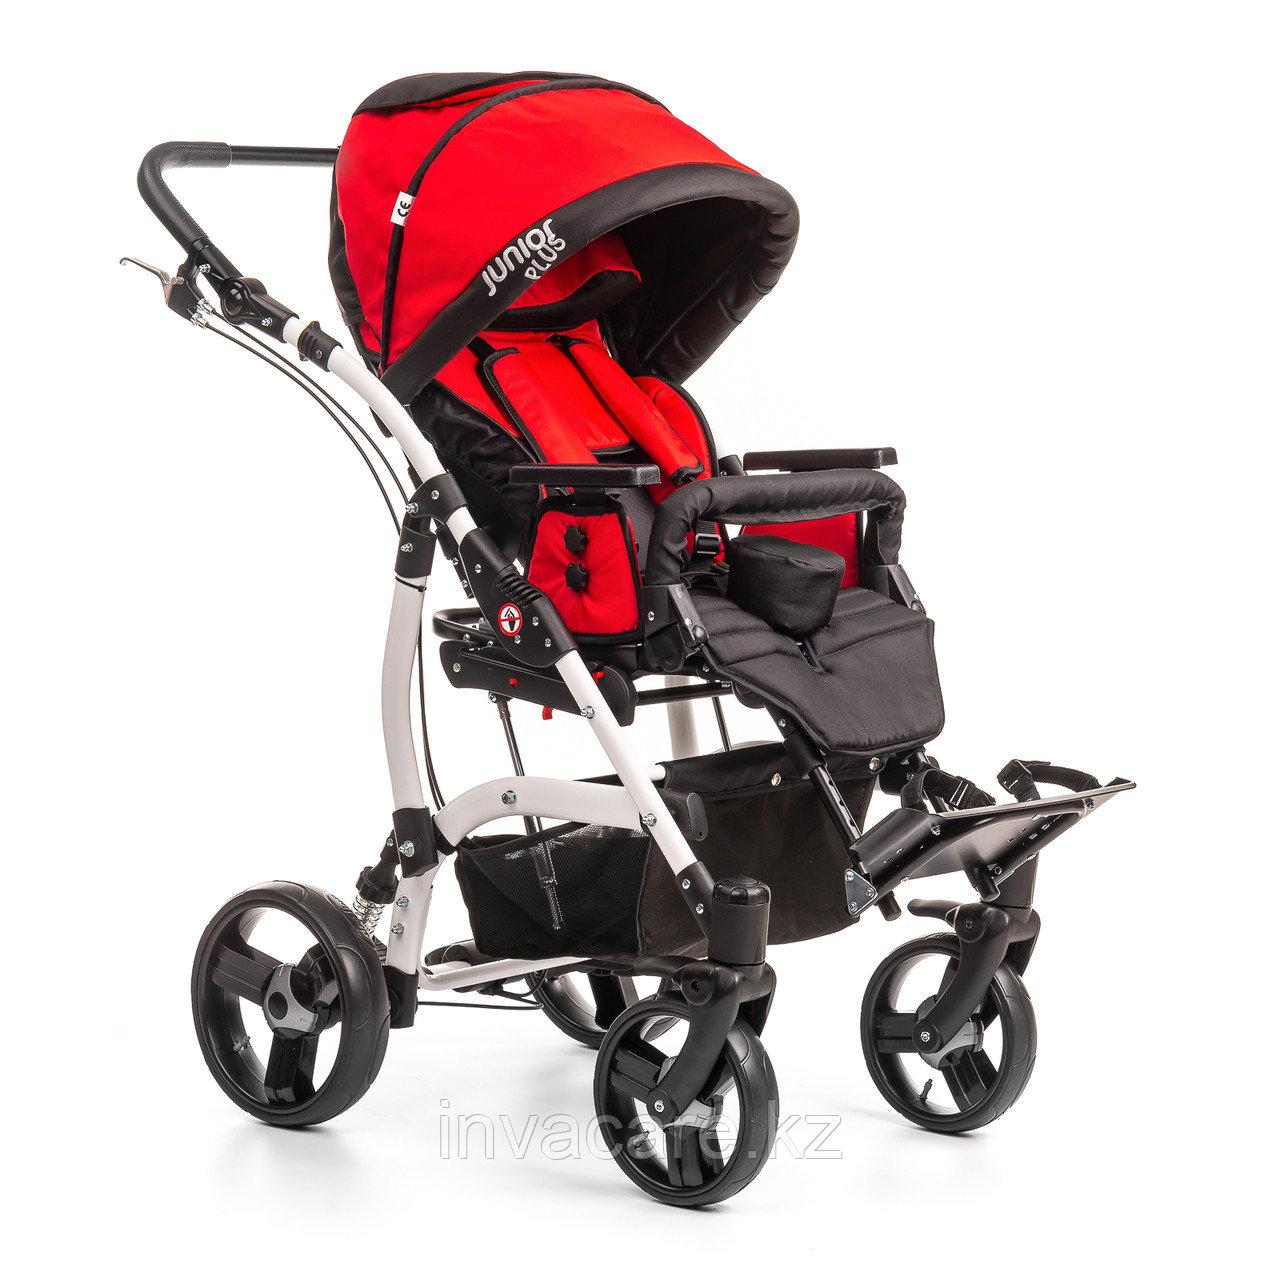 Коляска для детей с ДЦП JUNIOR PLUS литые колёса, складная,  20 кг, нагрузка до 40 кг, версия О